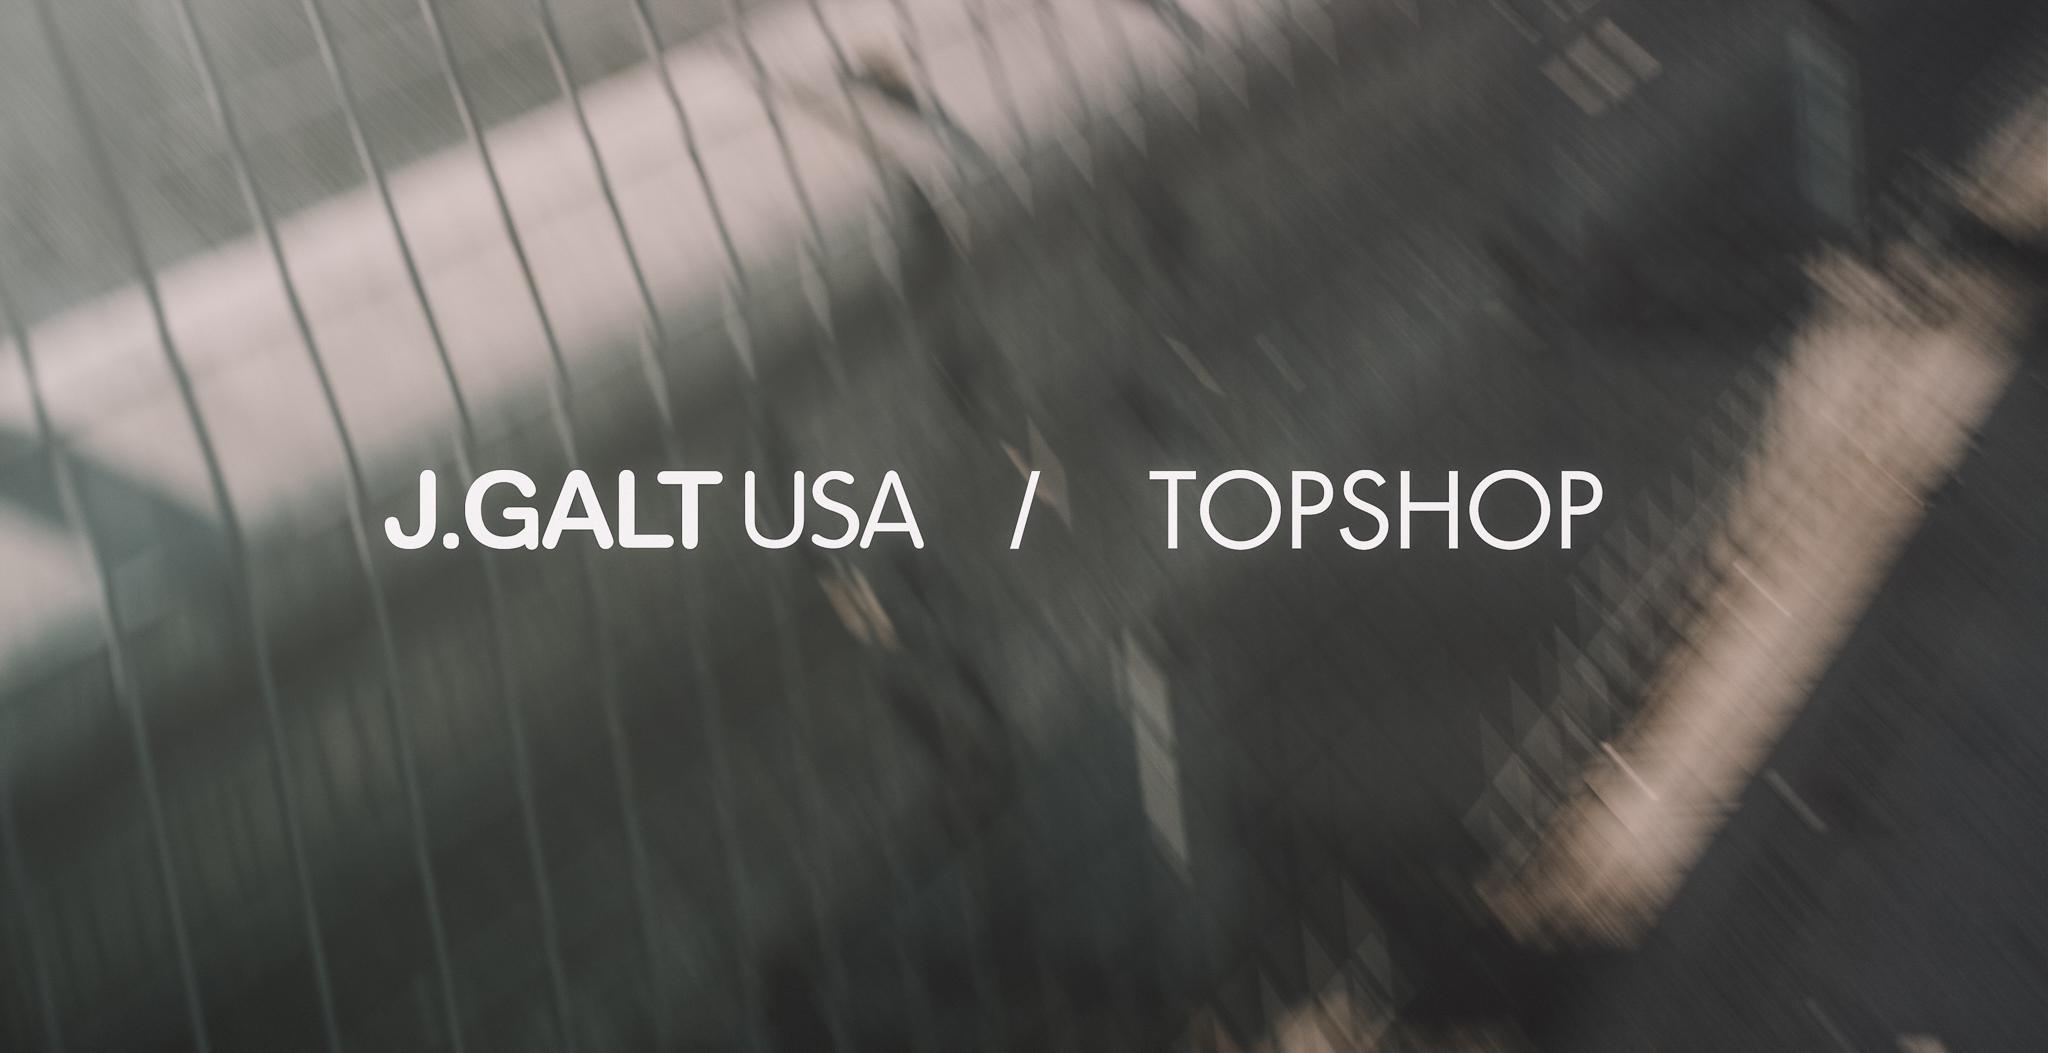 TOPSHOP_STILL_08.jpg